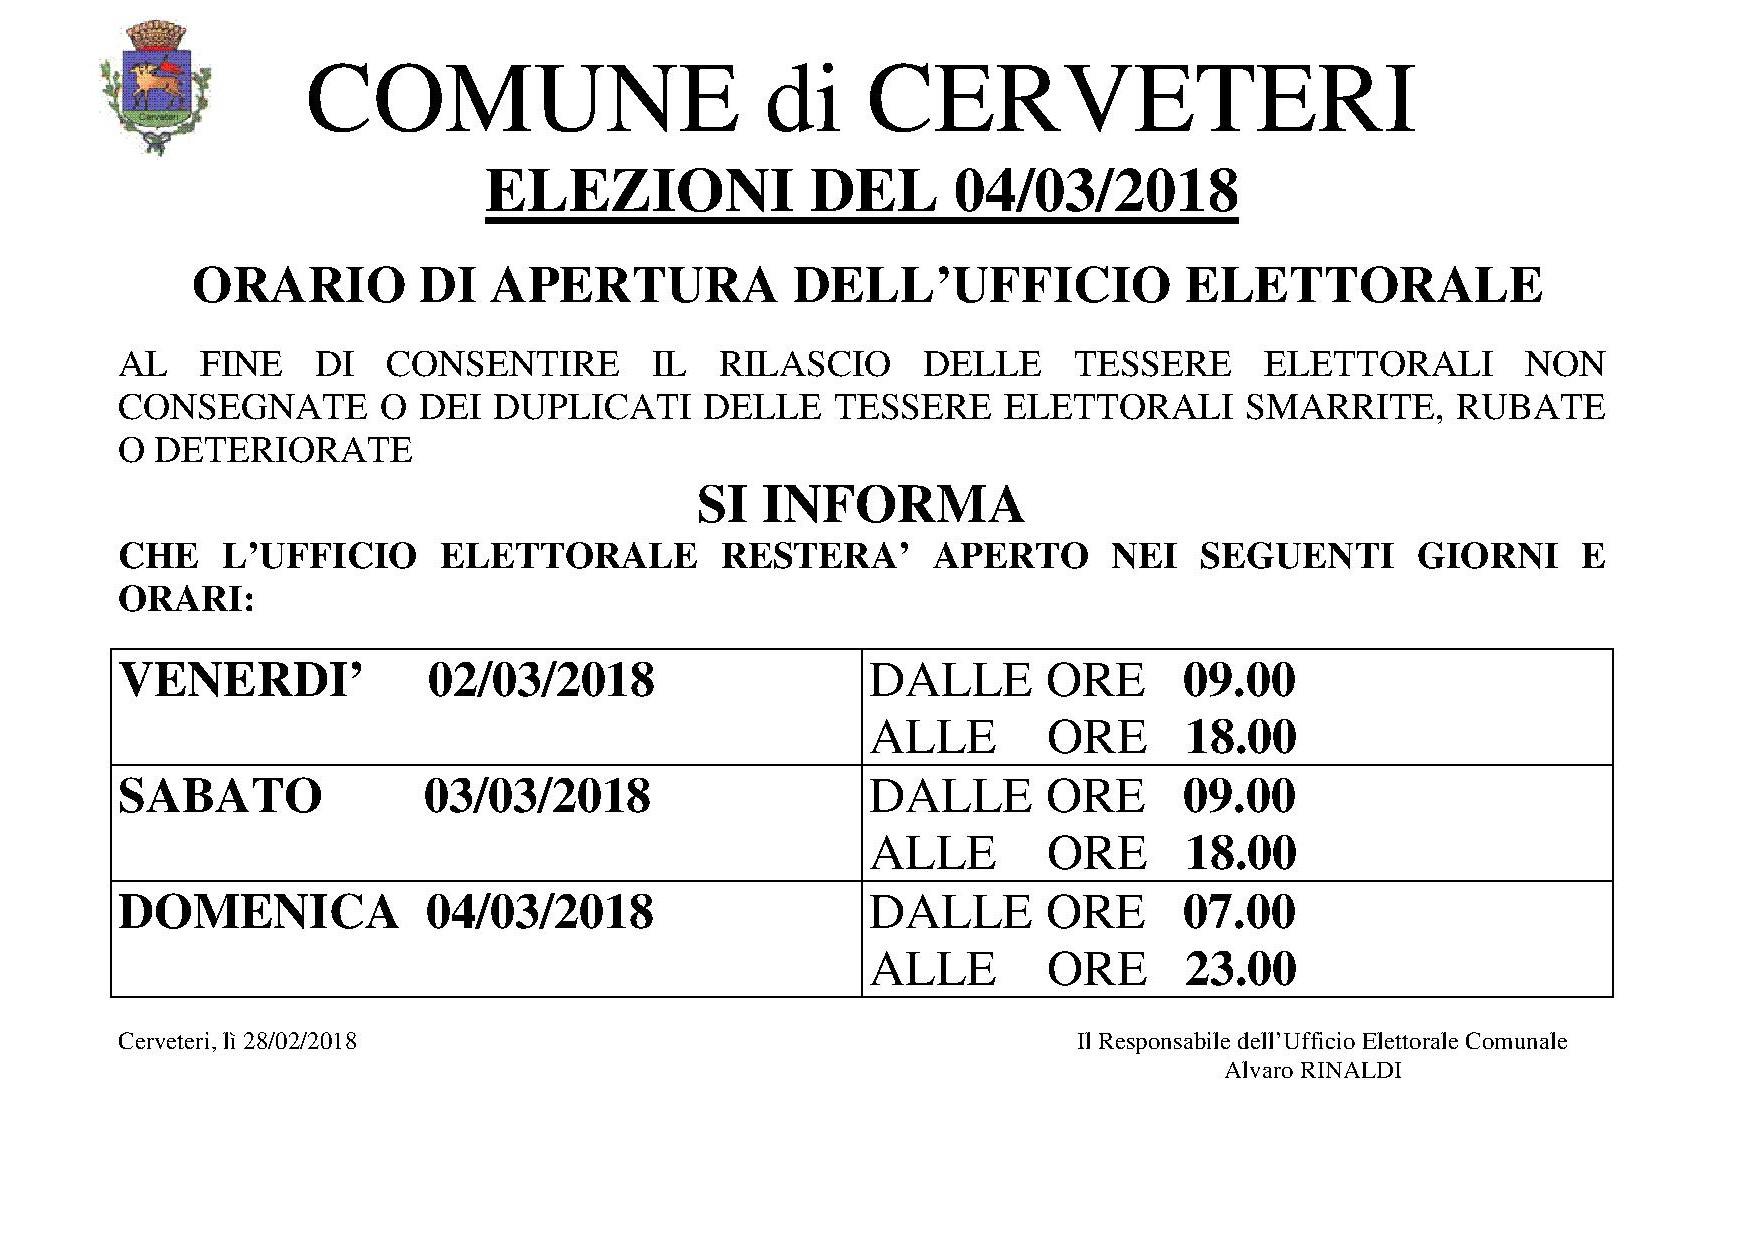 AVVISO APERTURA UFFICIO ELETTORALE - ELEZIONI 04/03/2018